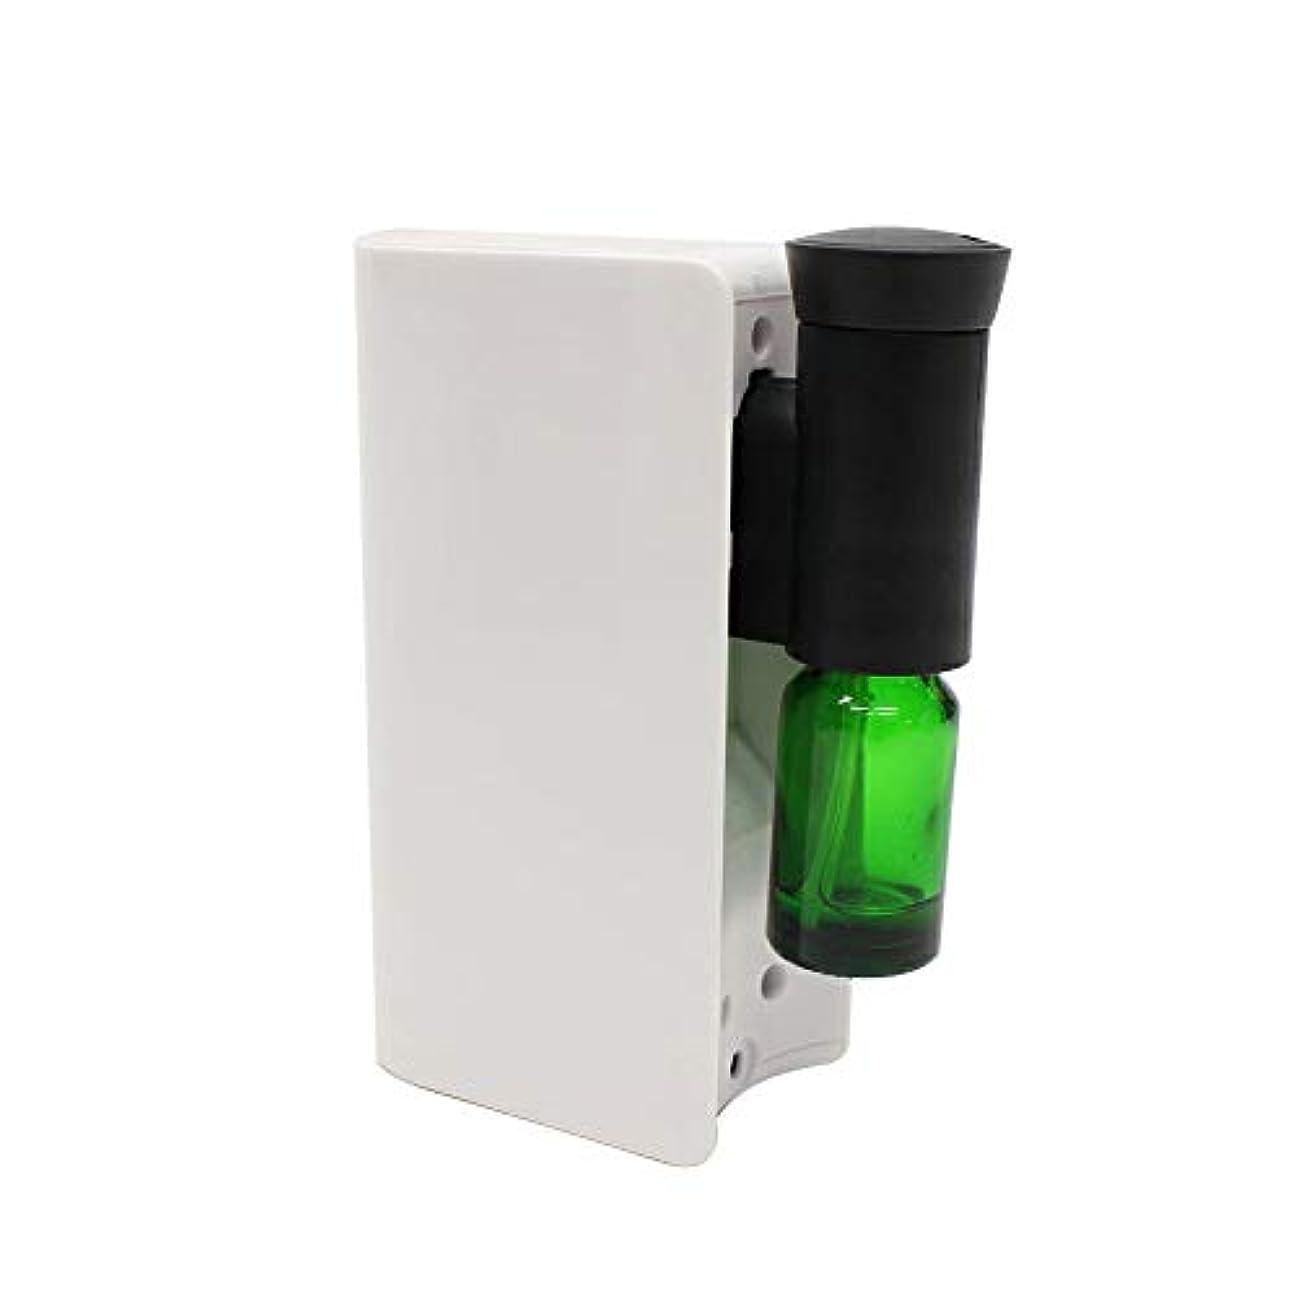 ポスター出血おとこアロマ ディフューザー 電池式アロマディフューザー 水を使わない ネブライザー式 アロマオイル対応 自動停止 ECOモード搭載 香り 癒し シンプル コンパクト ホワイト